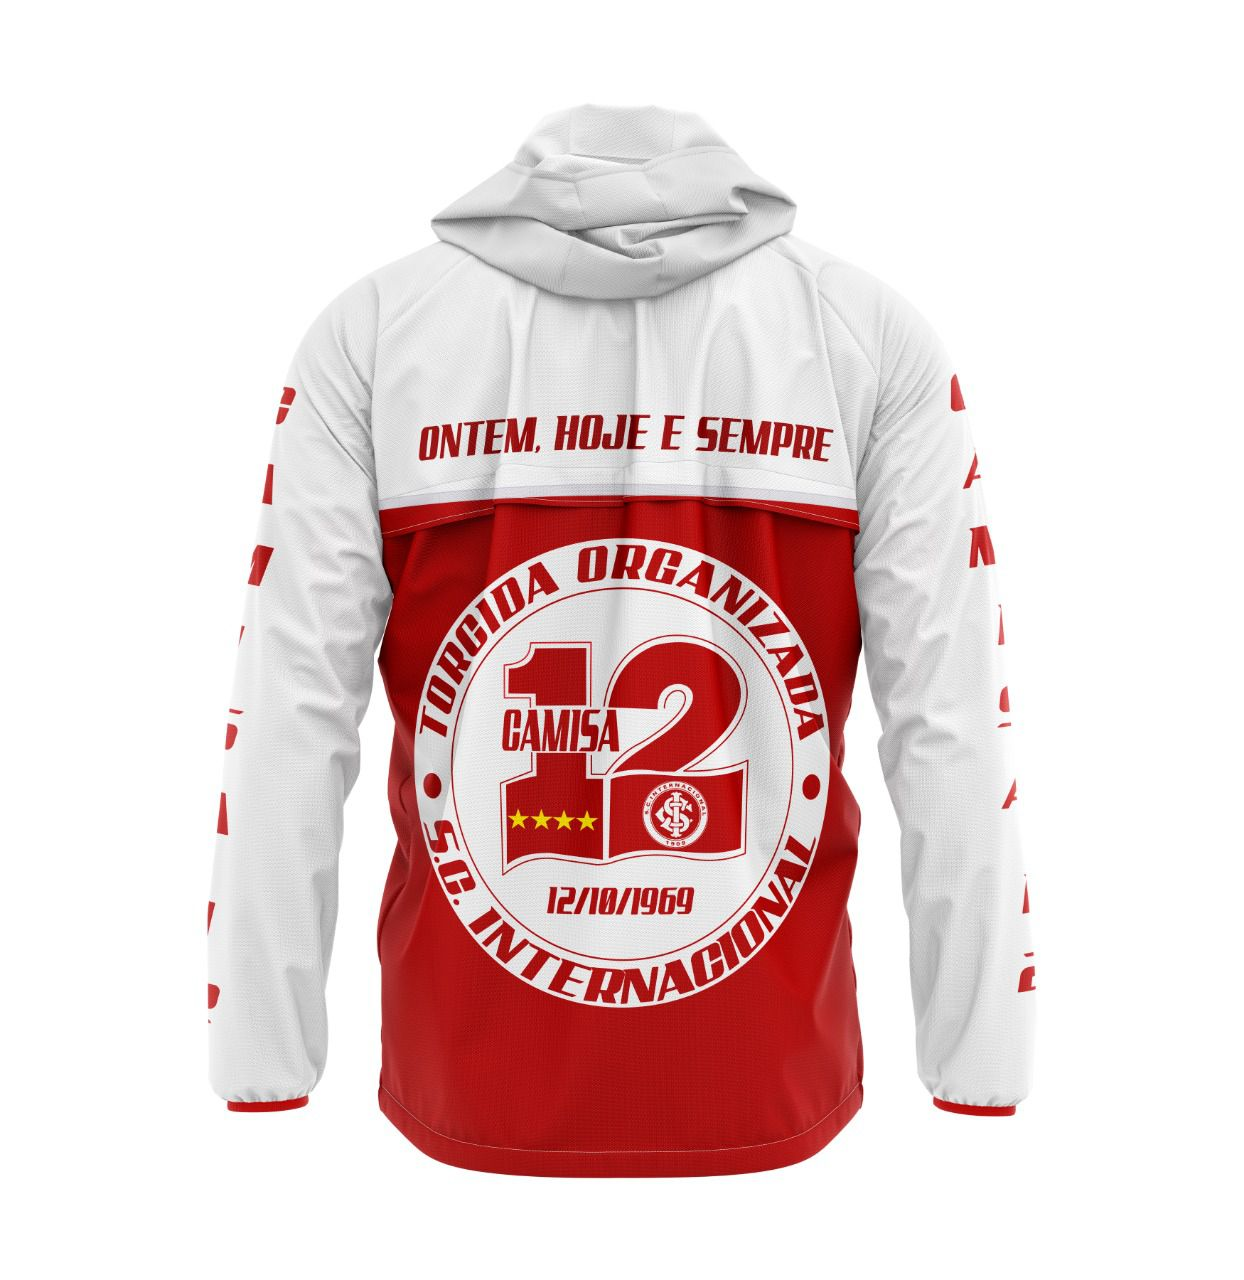 Corta Vento da Camisa 12 (PRE VENDA)